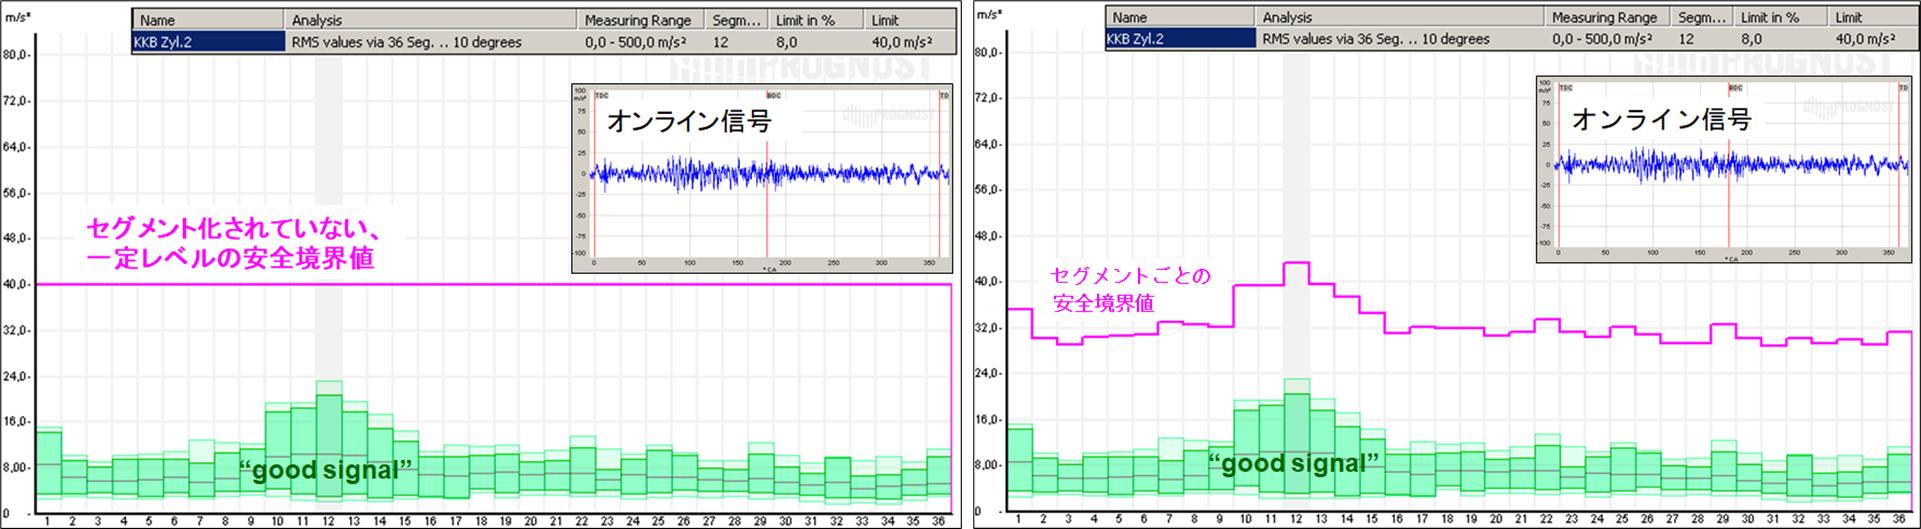 プログノストによるオンライン状態監視 コンディションモニタリング 往復動圧縮機 予知保全 IoT ビッグデータ